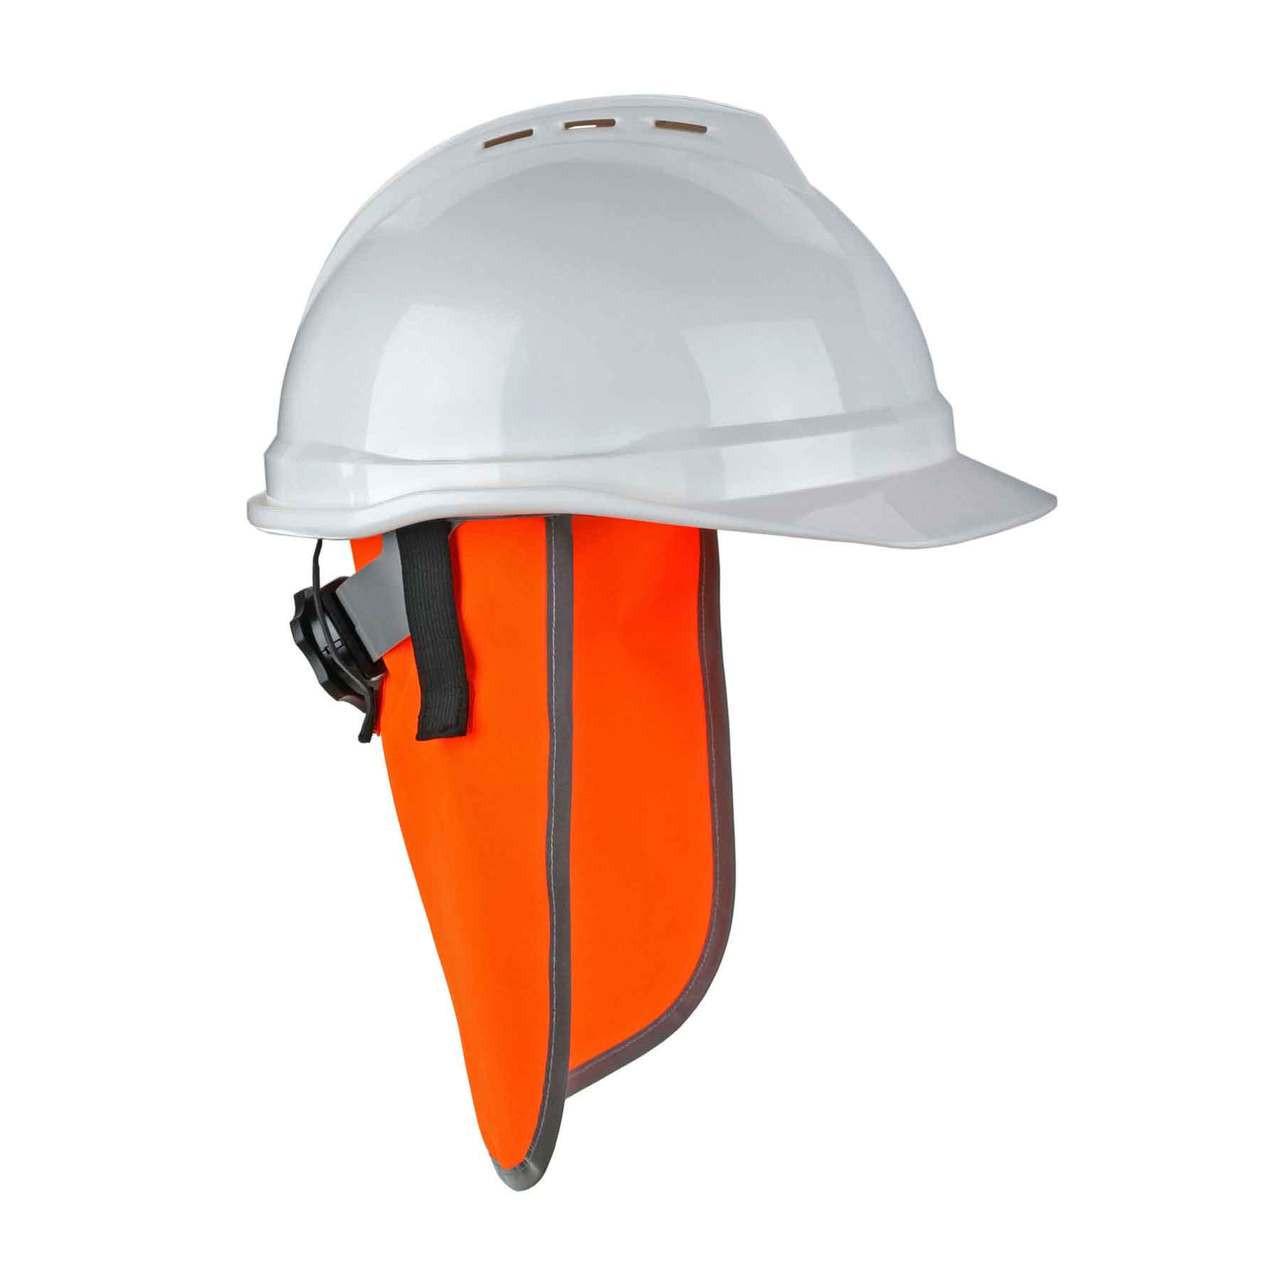 d68aa6079 Ergodyne GloWear 8006 Orange Hi-Vis Neck Shade